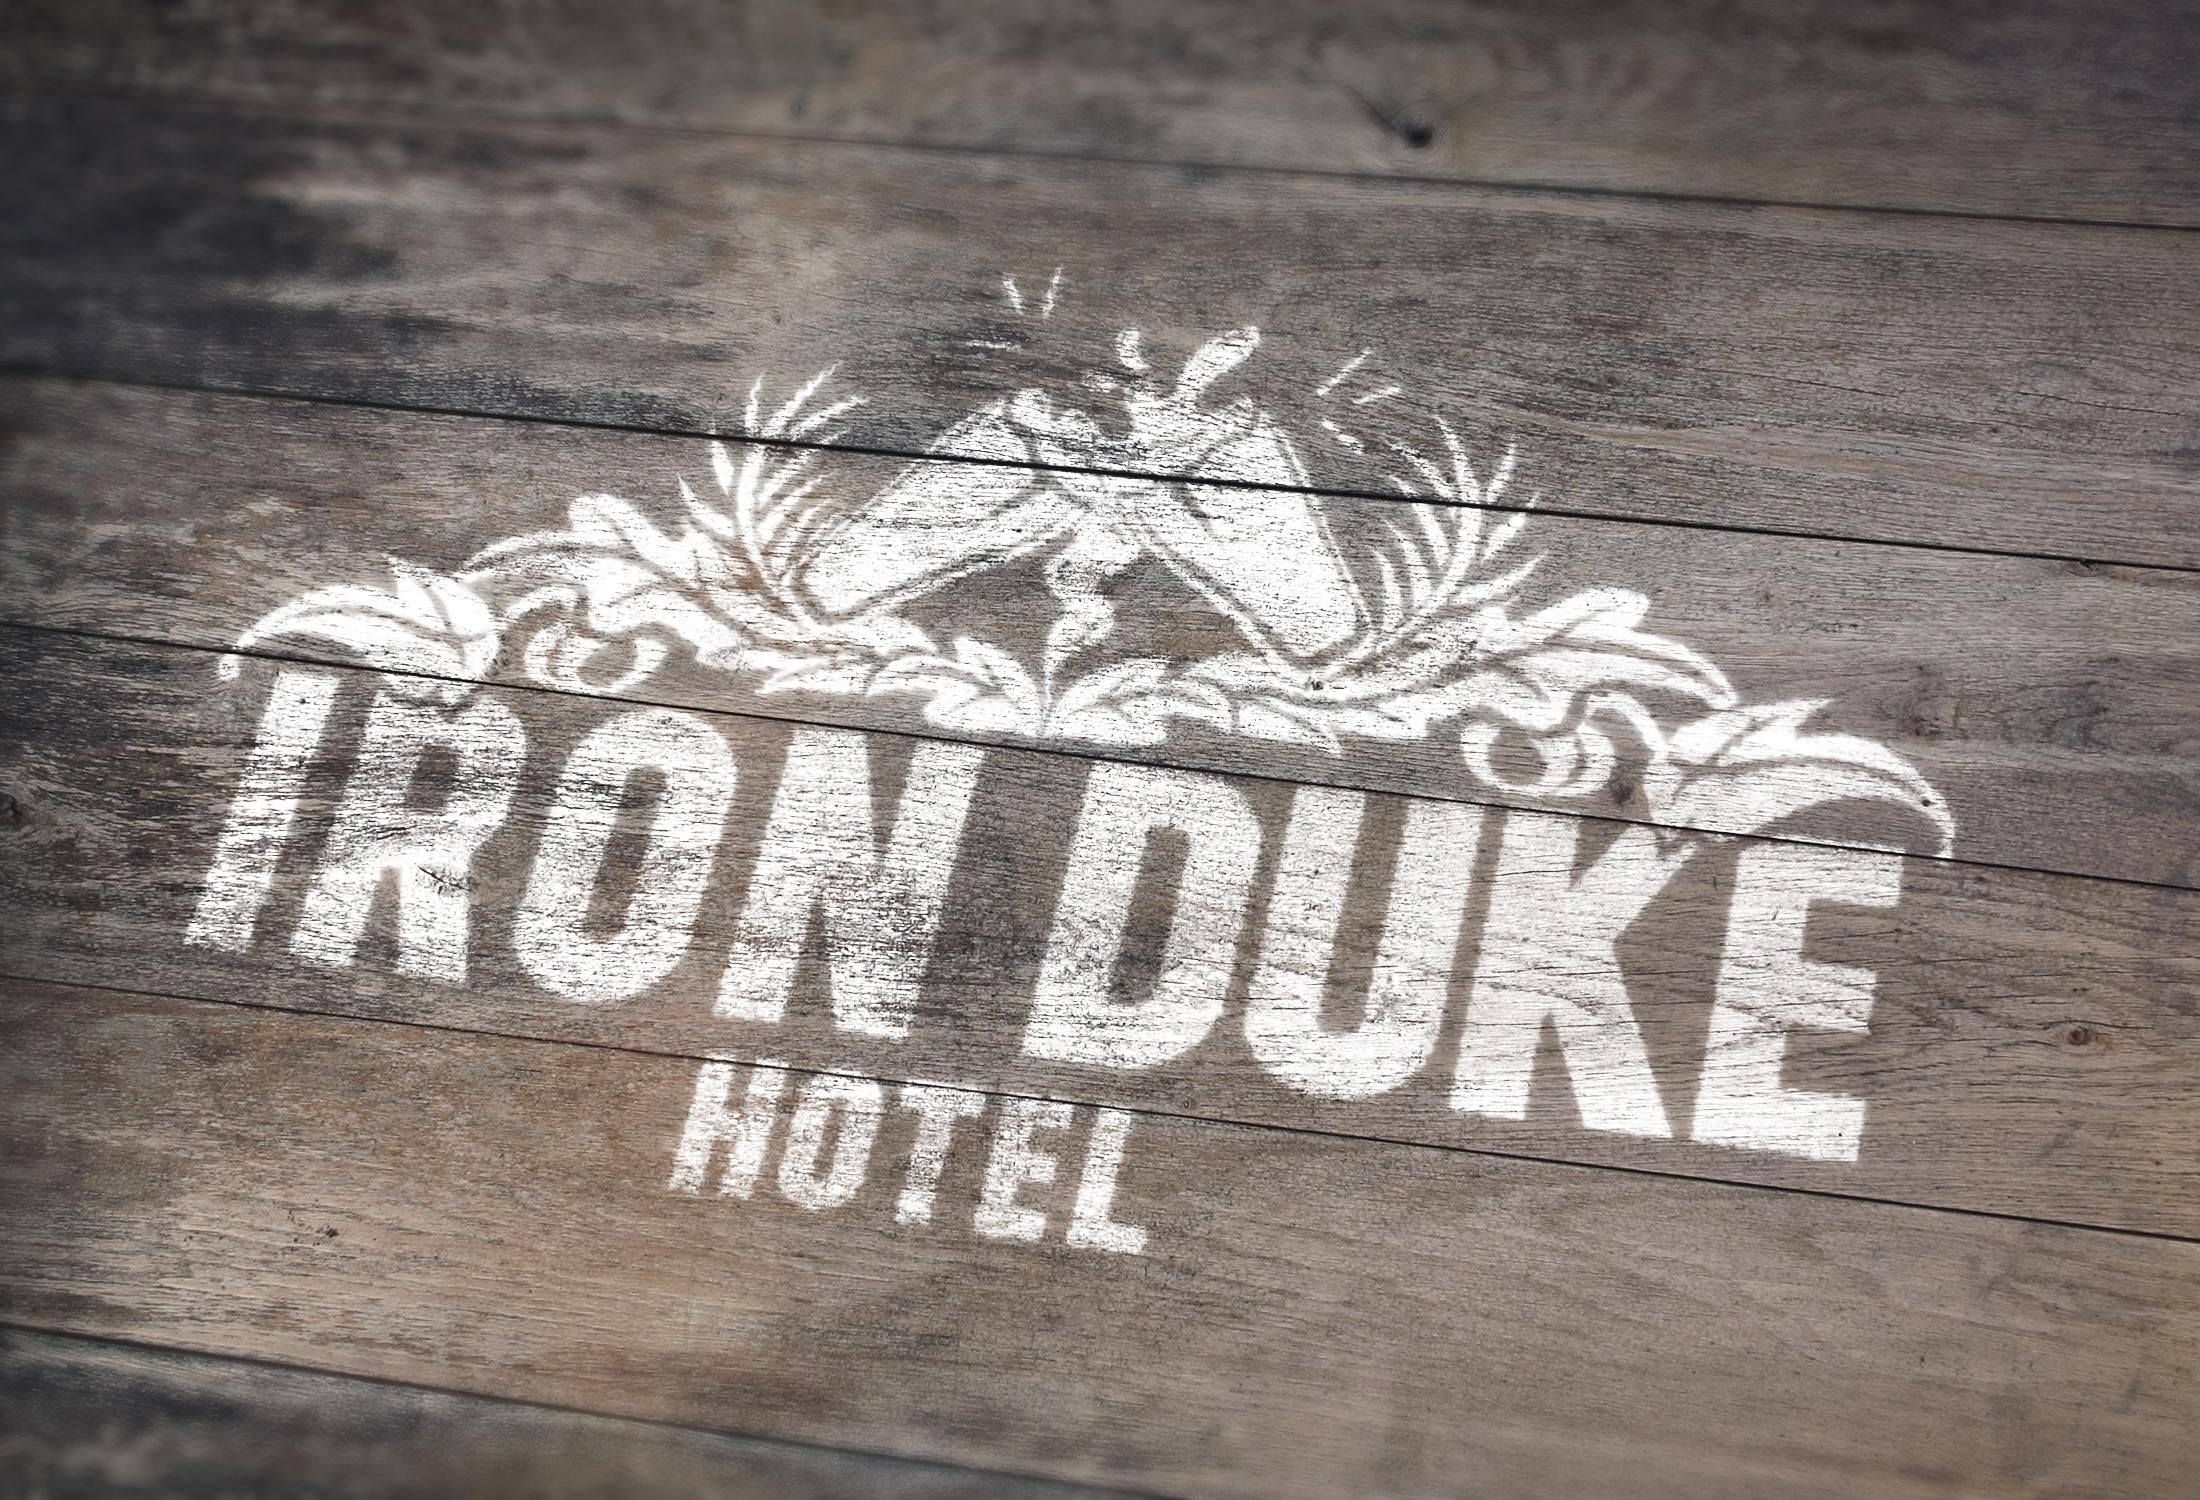 IRON DUKE HOTEL -